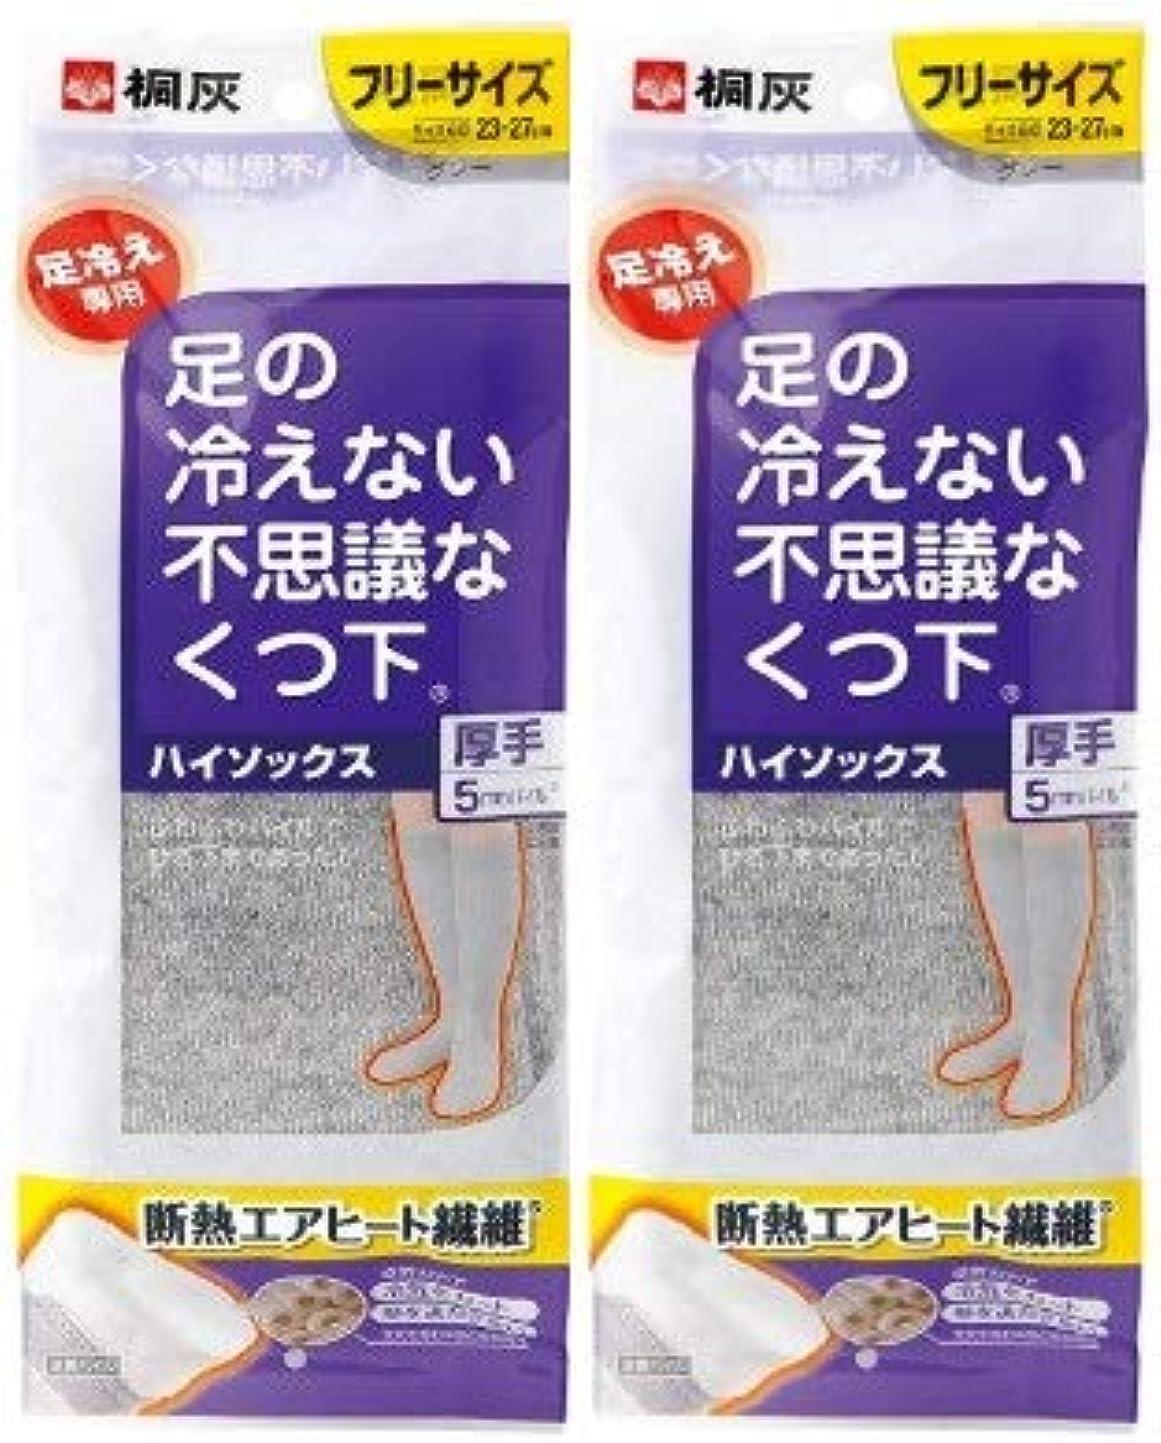 に応じてデータベース調停者【まとめ買い】桐灰化学 足の冷えない不思議なくつ下 ハイソックス 厚手 足冷え専用 フリーサイズ グレー 1足分(2個入)×2個セット